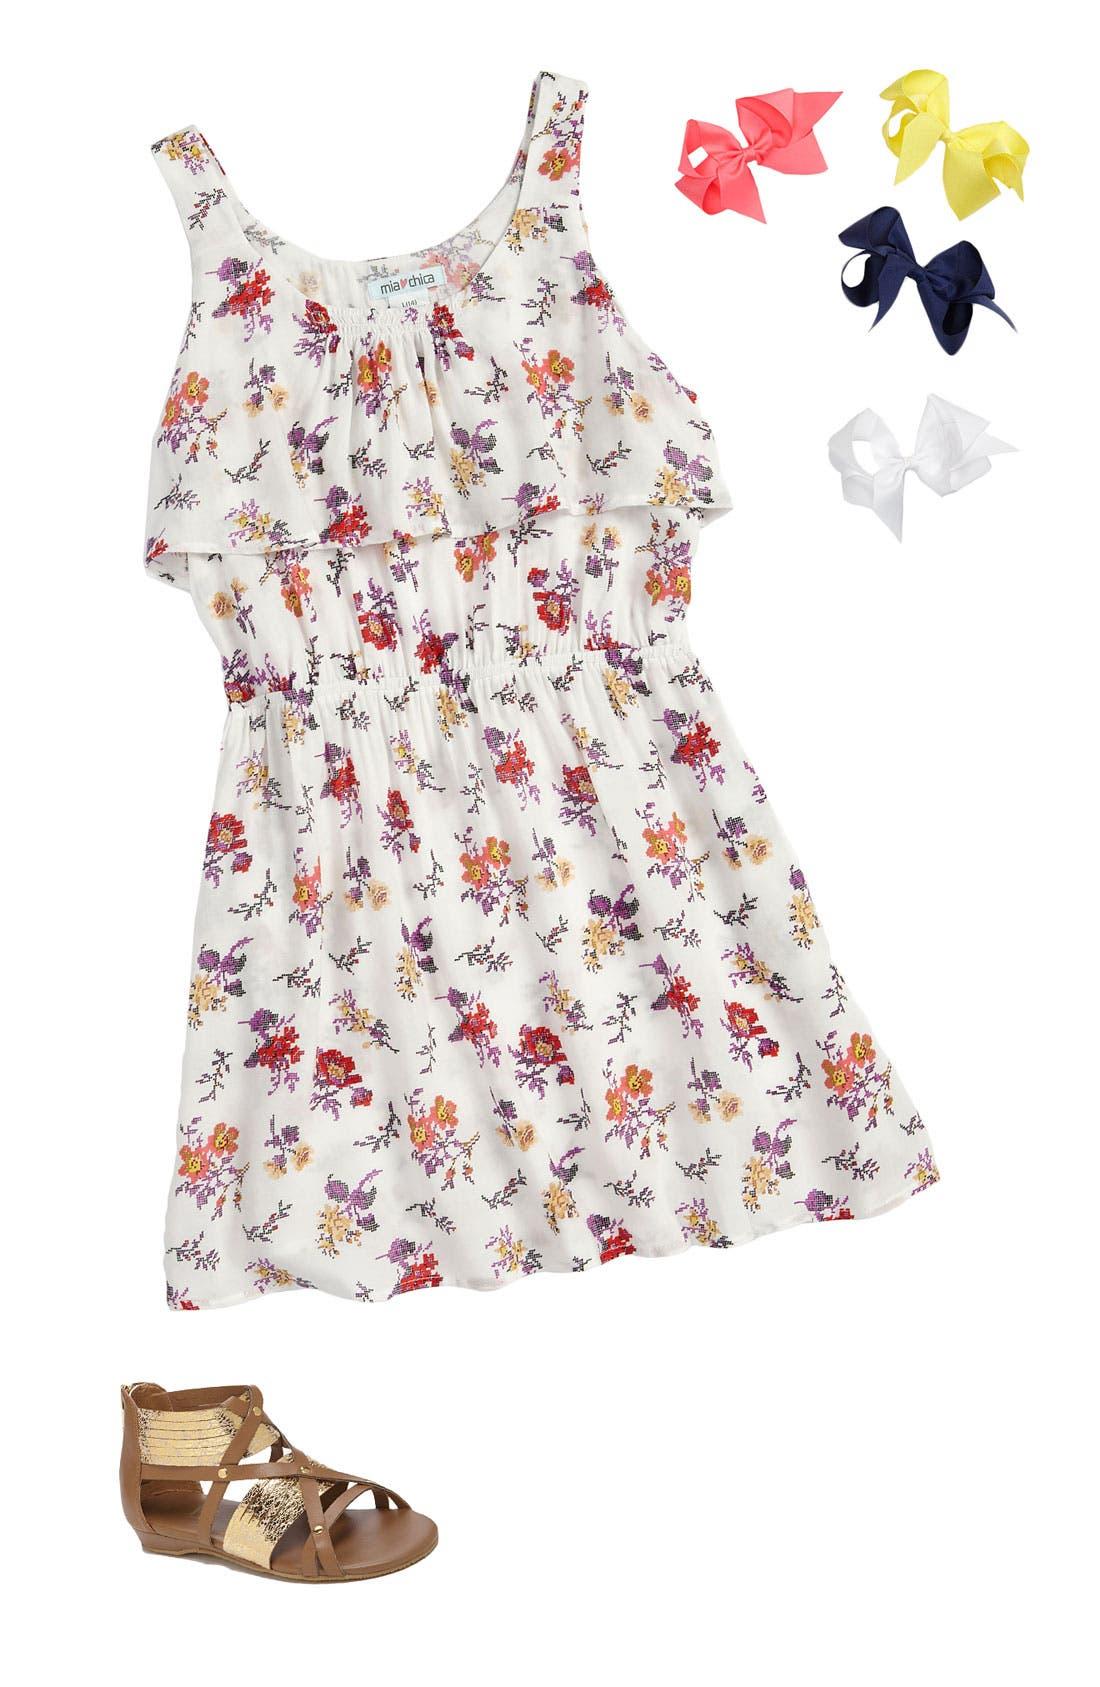 Main Image - Mia Chica Dress & Bows Arts Bows (Big Girls)